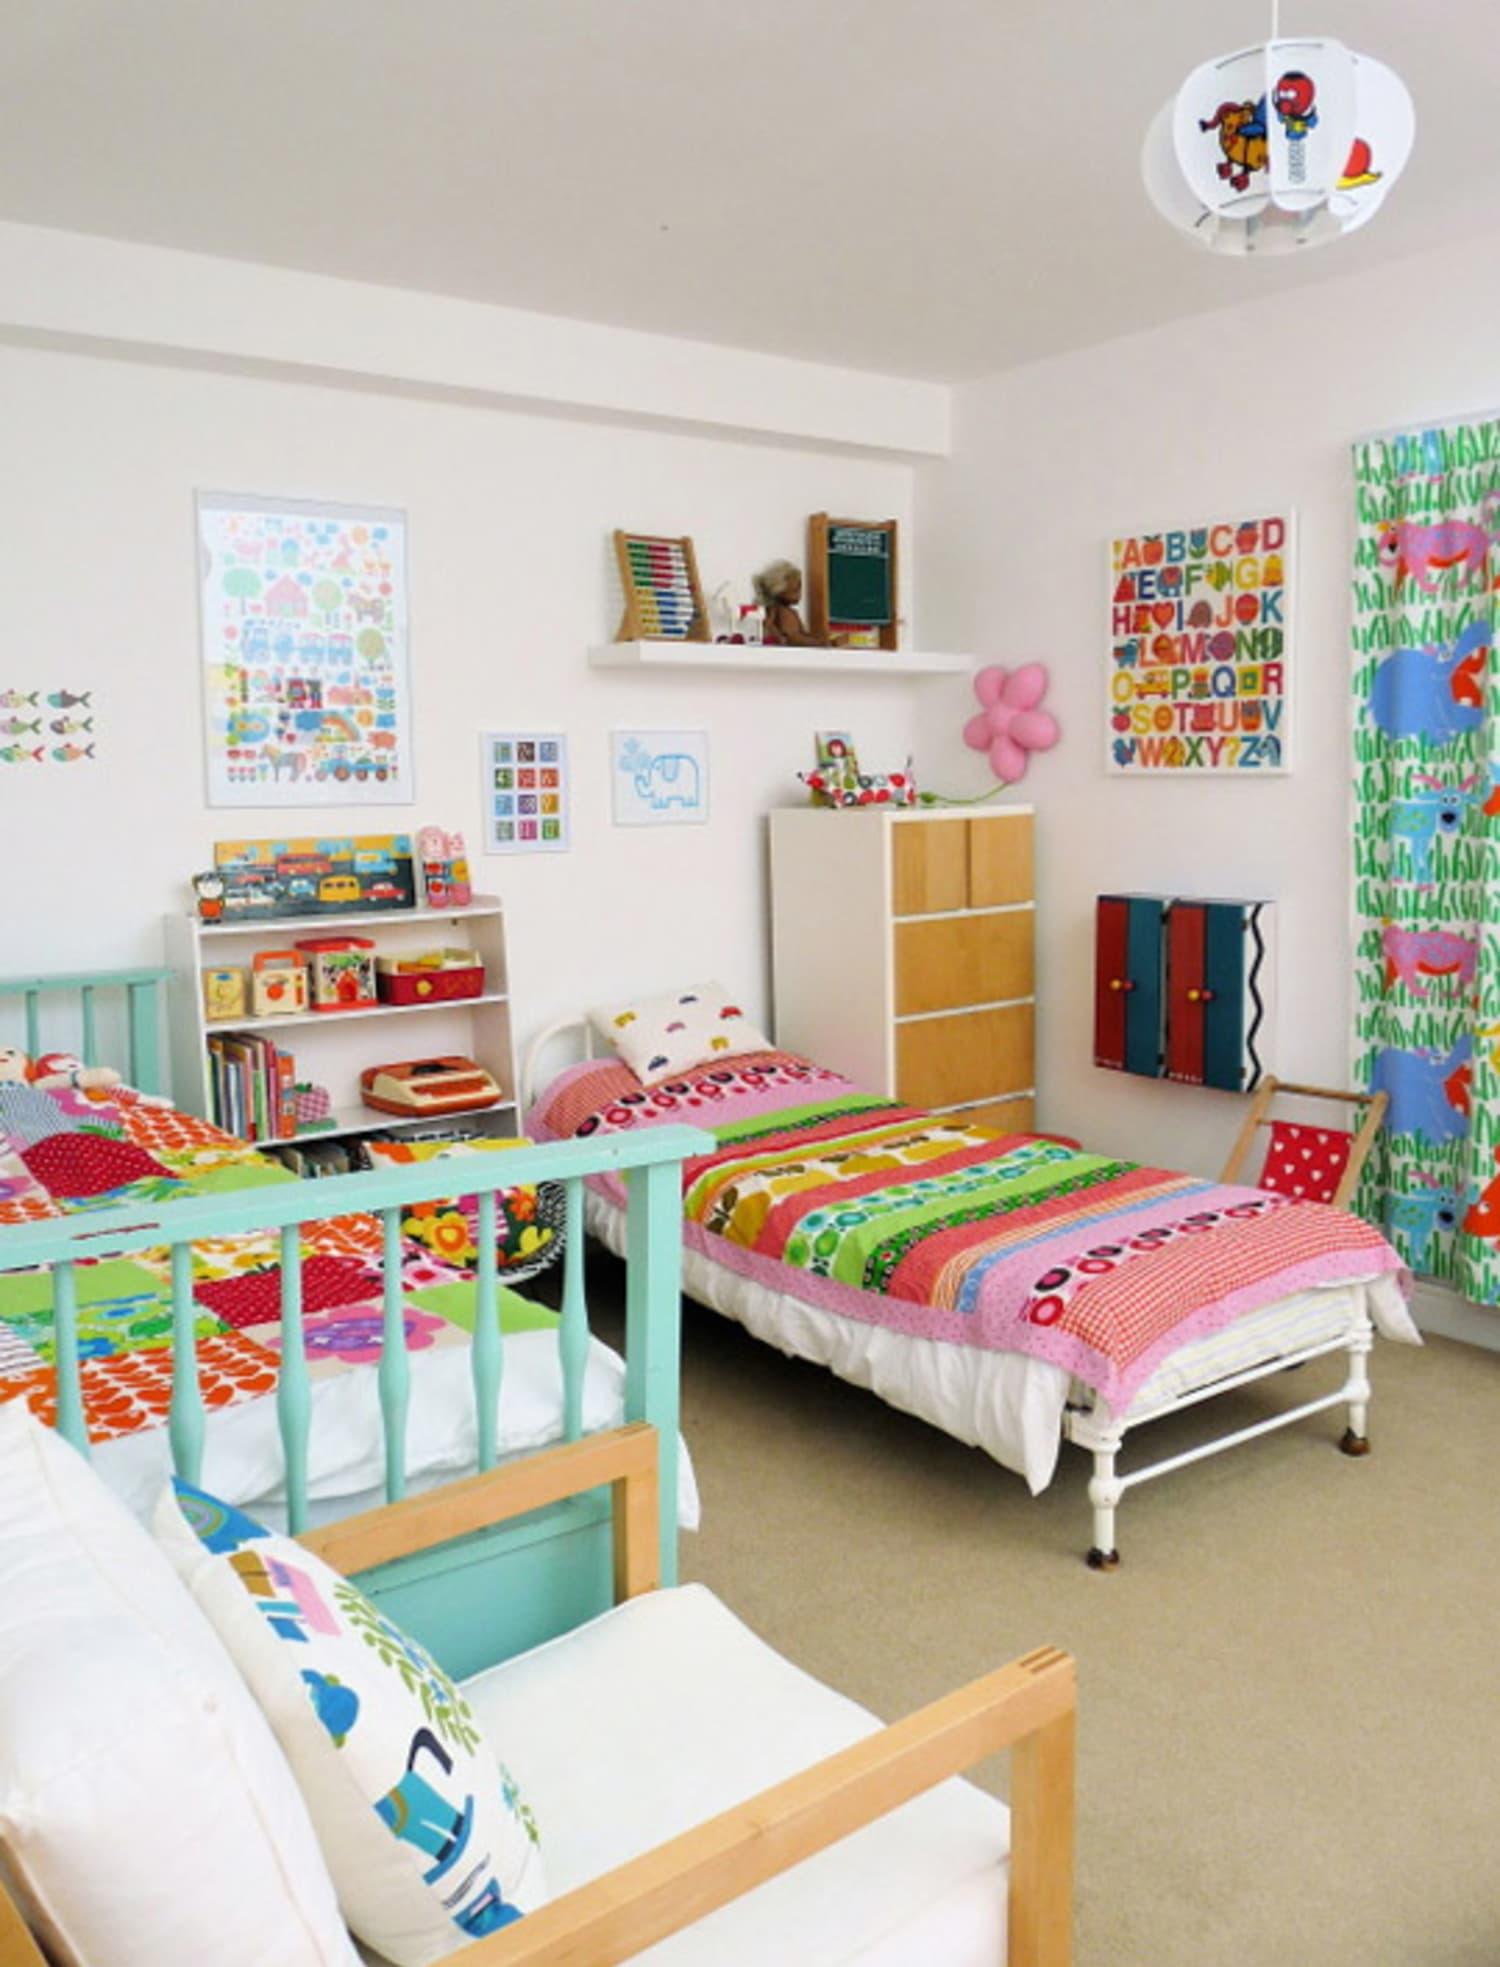 How To Get The Look: Scandinavian-Style Kids Bedroom